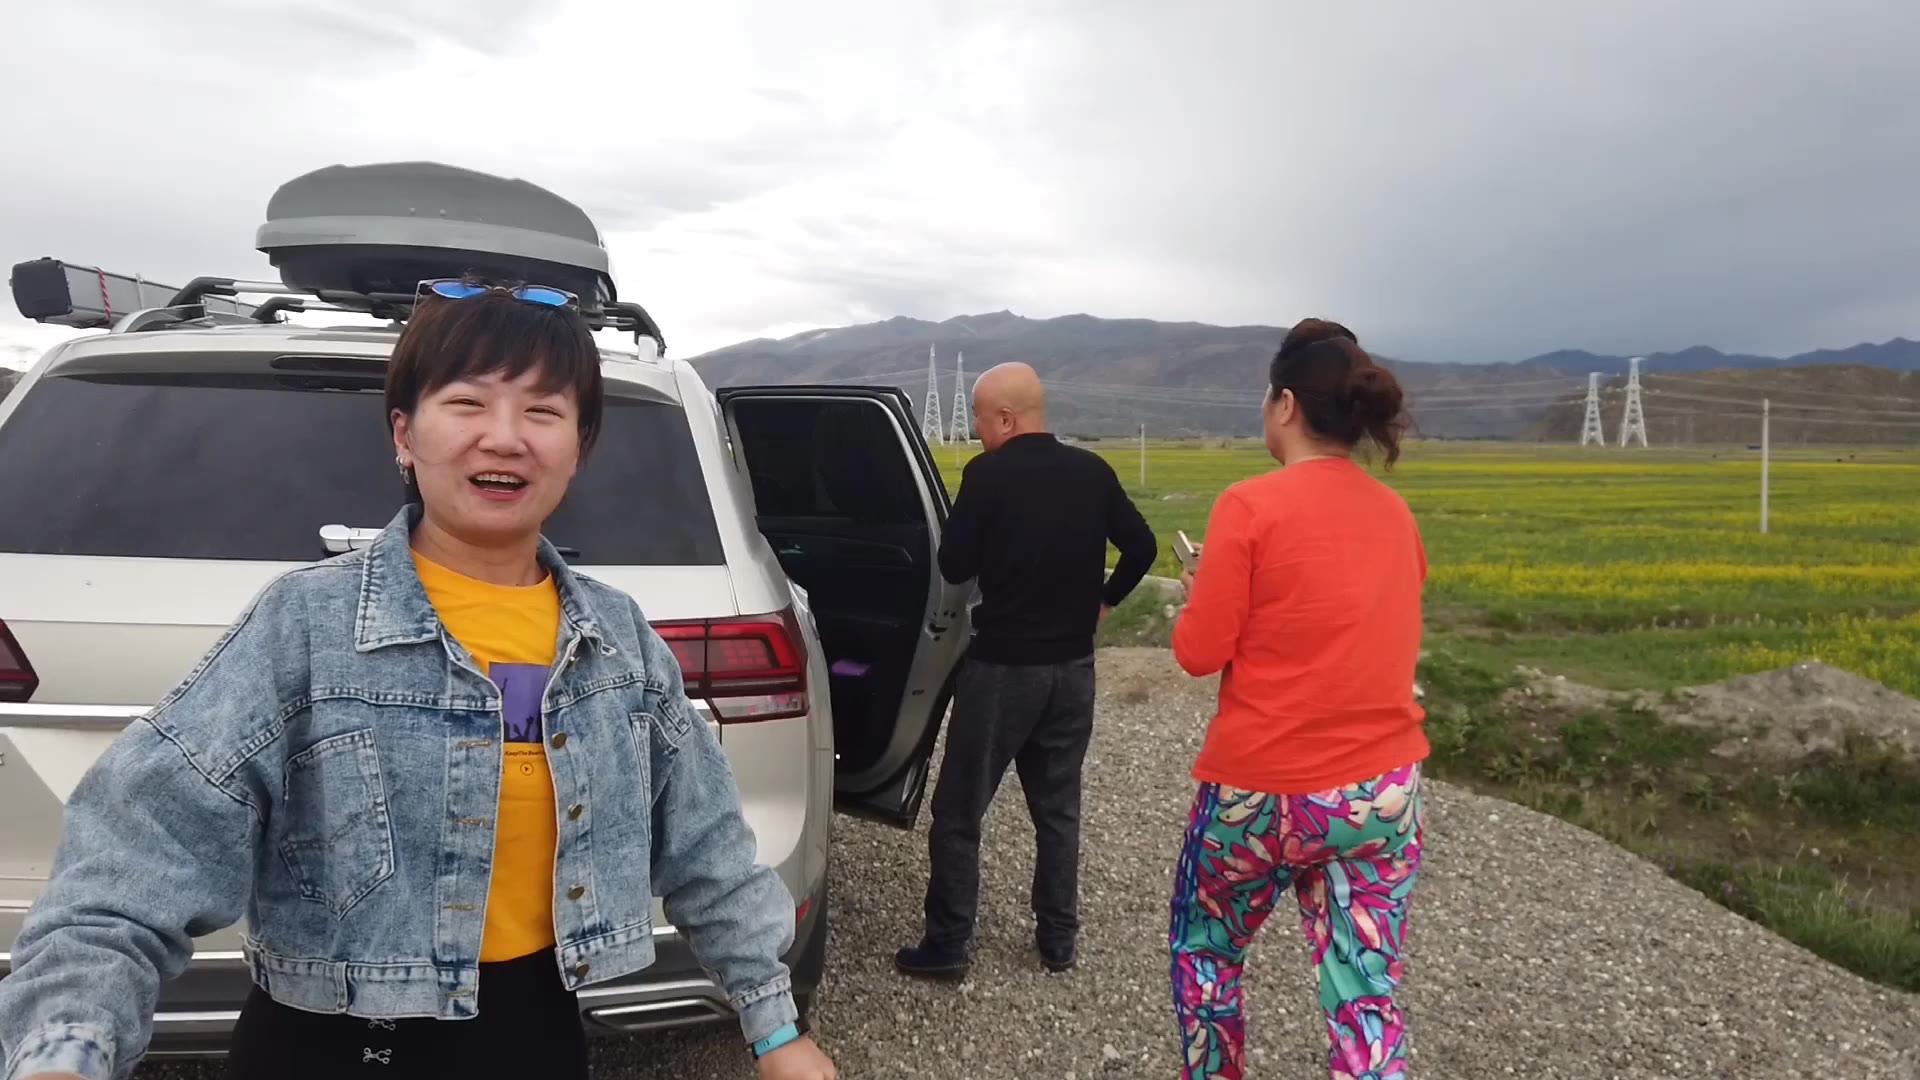 途昂改床车空间超大,退休夫妻自驾游西藏,这退休生活方式羡慕吗